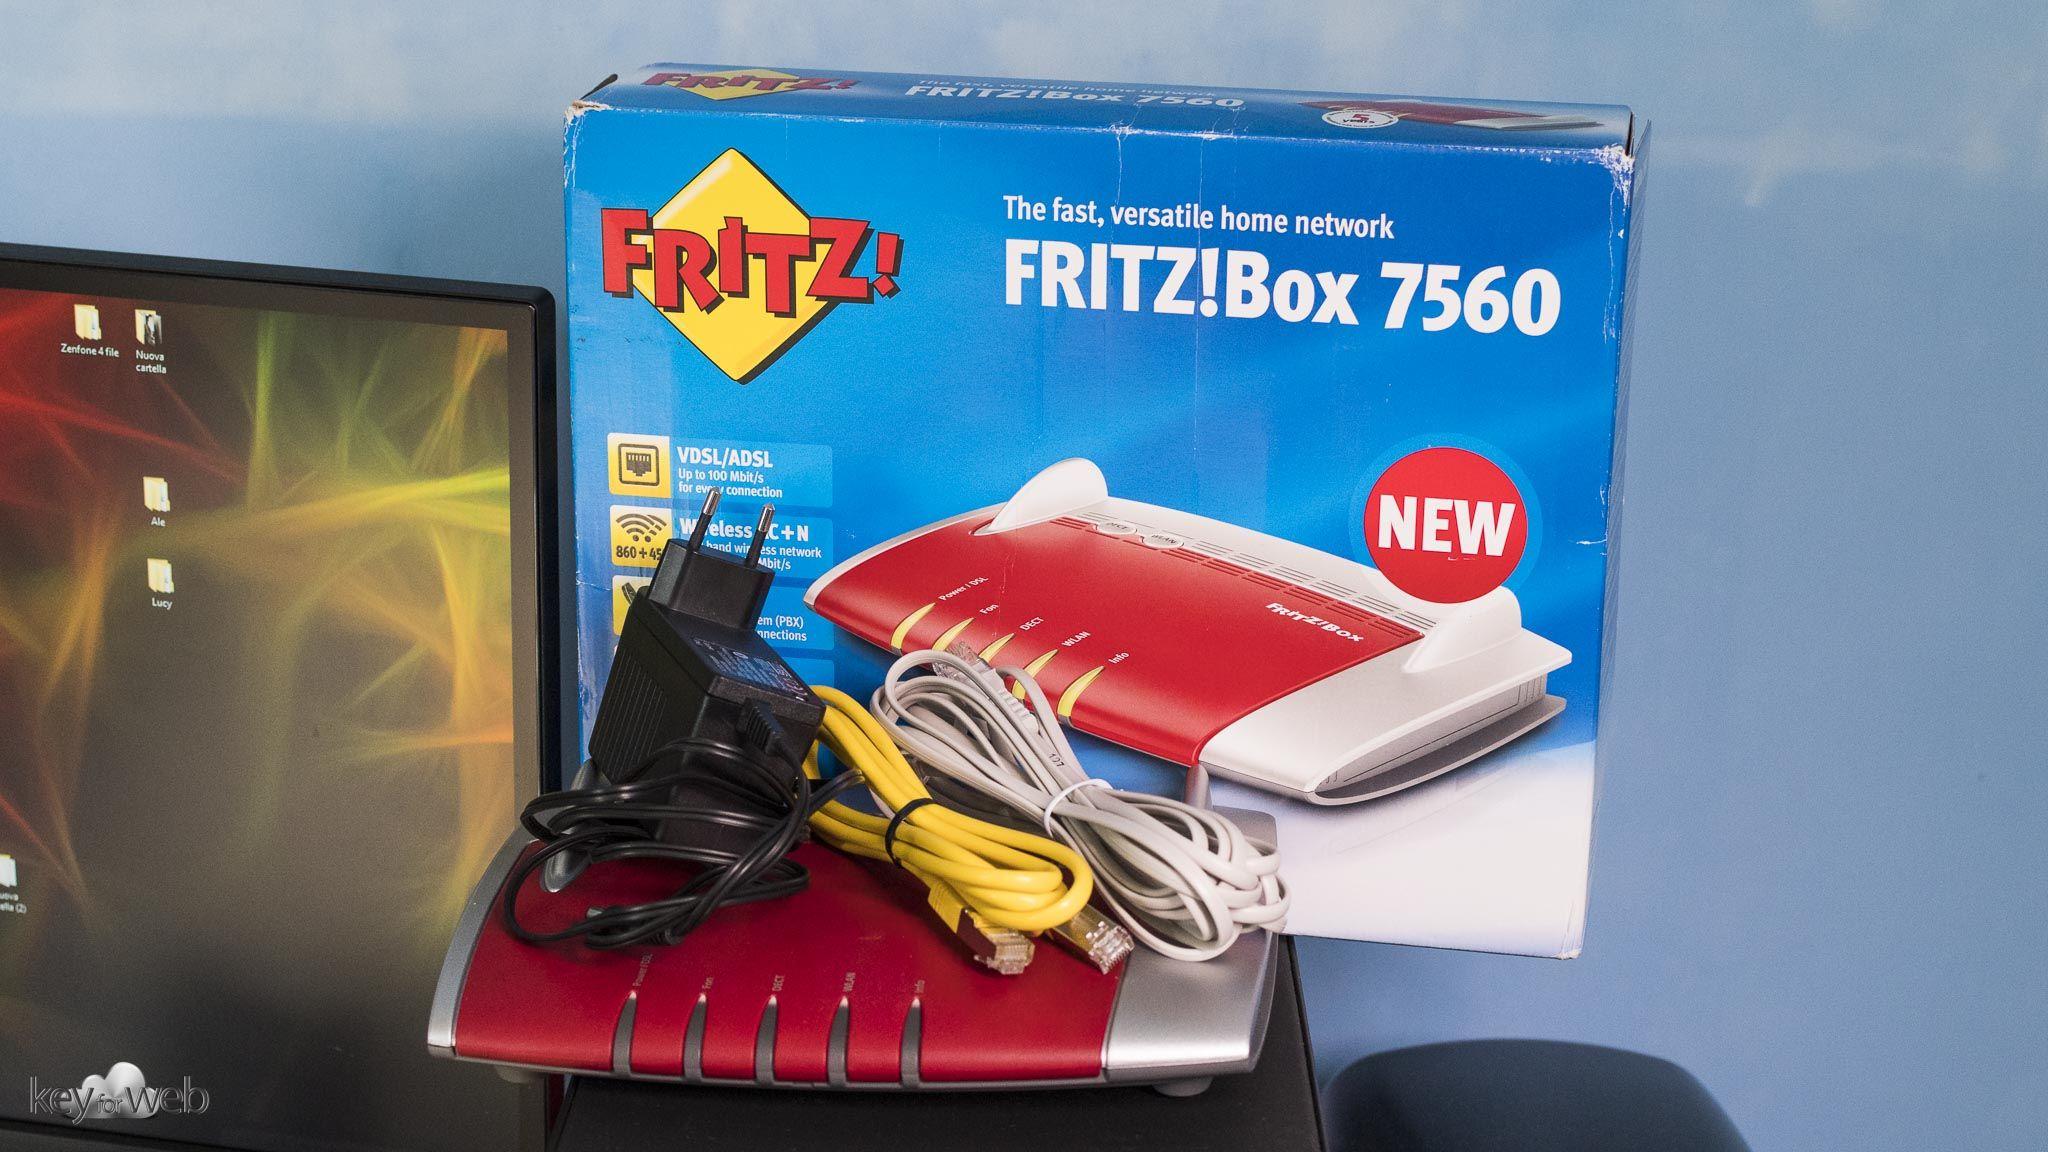 recensione fritz box 7560 il modem router per eccellenza. Black Bedroom Furniture Sets. Home Design Ideas